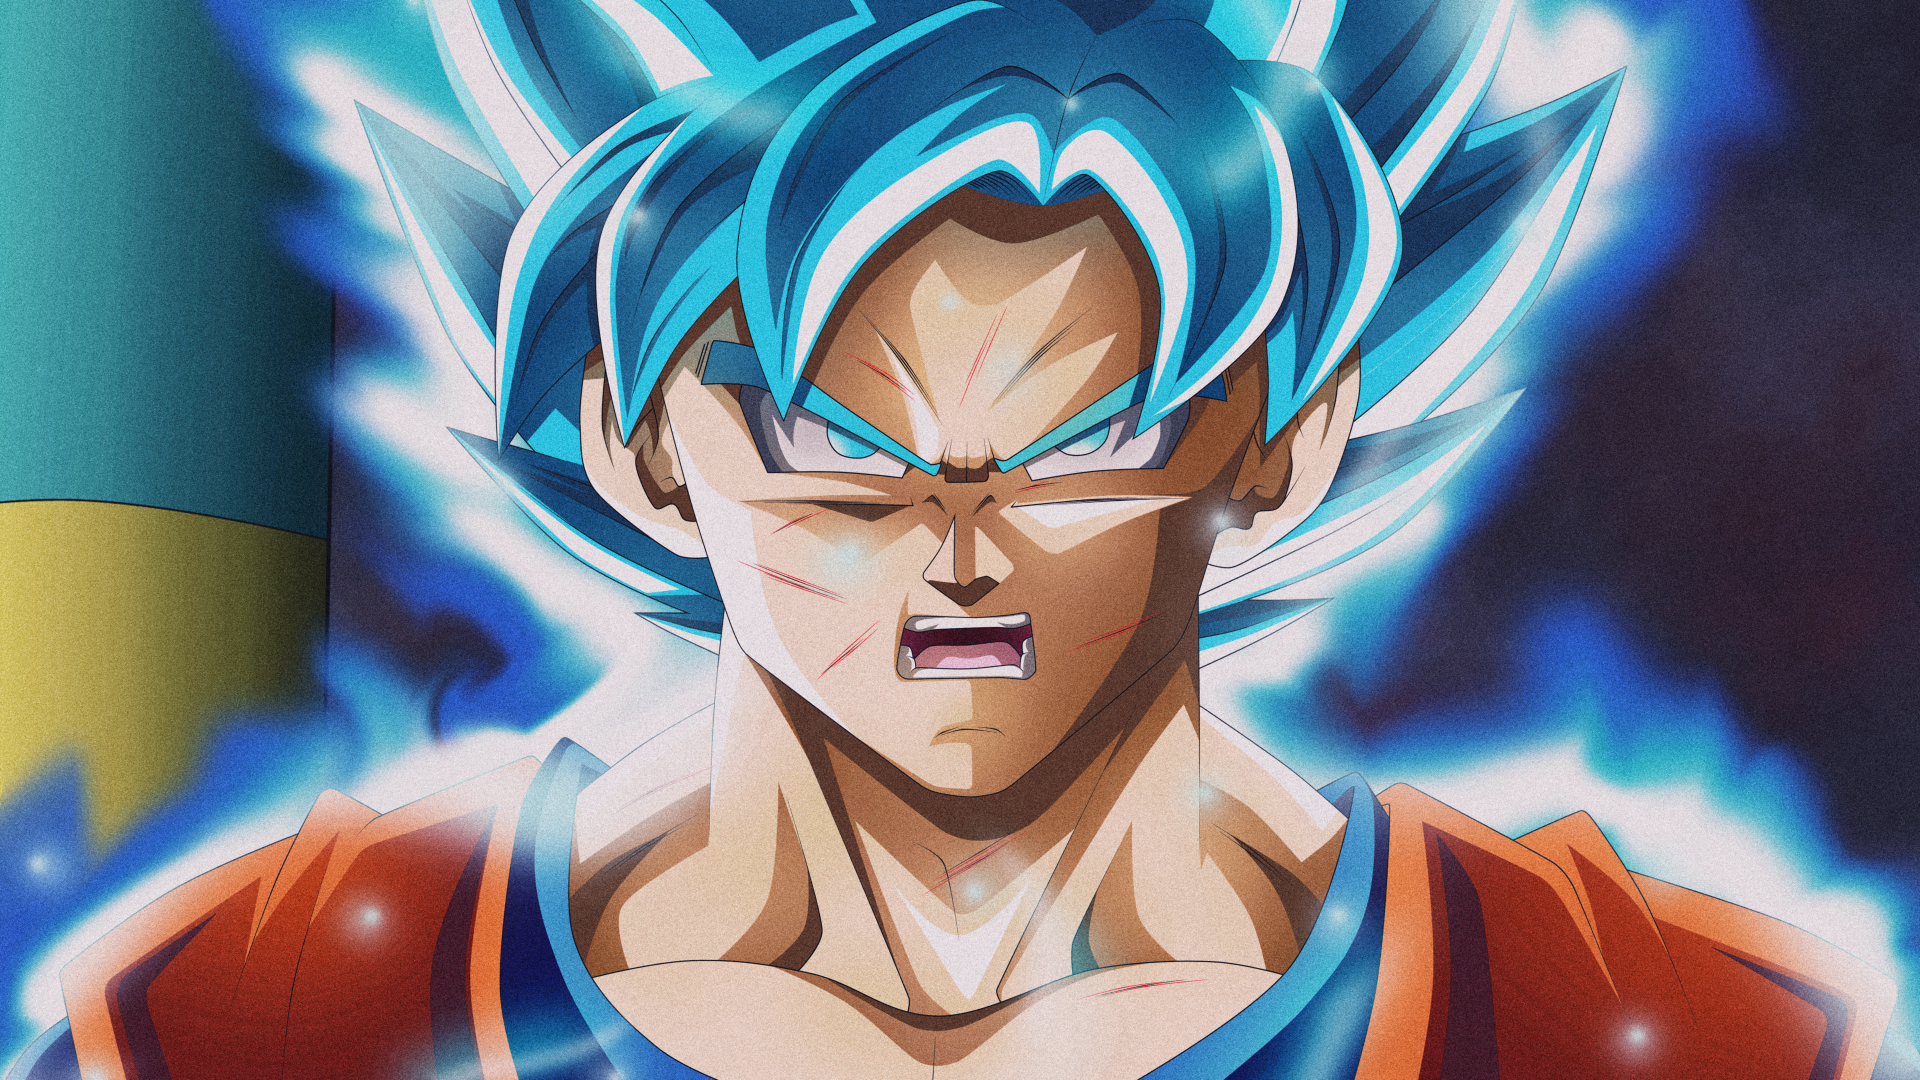 Anime - Dragon Ball Super  Goku Wallpaper